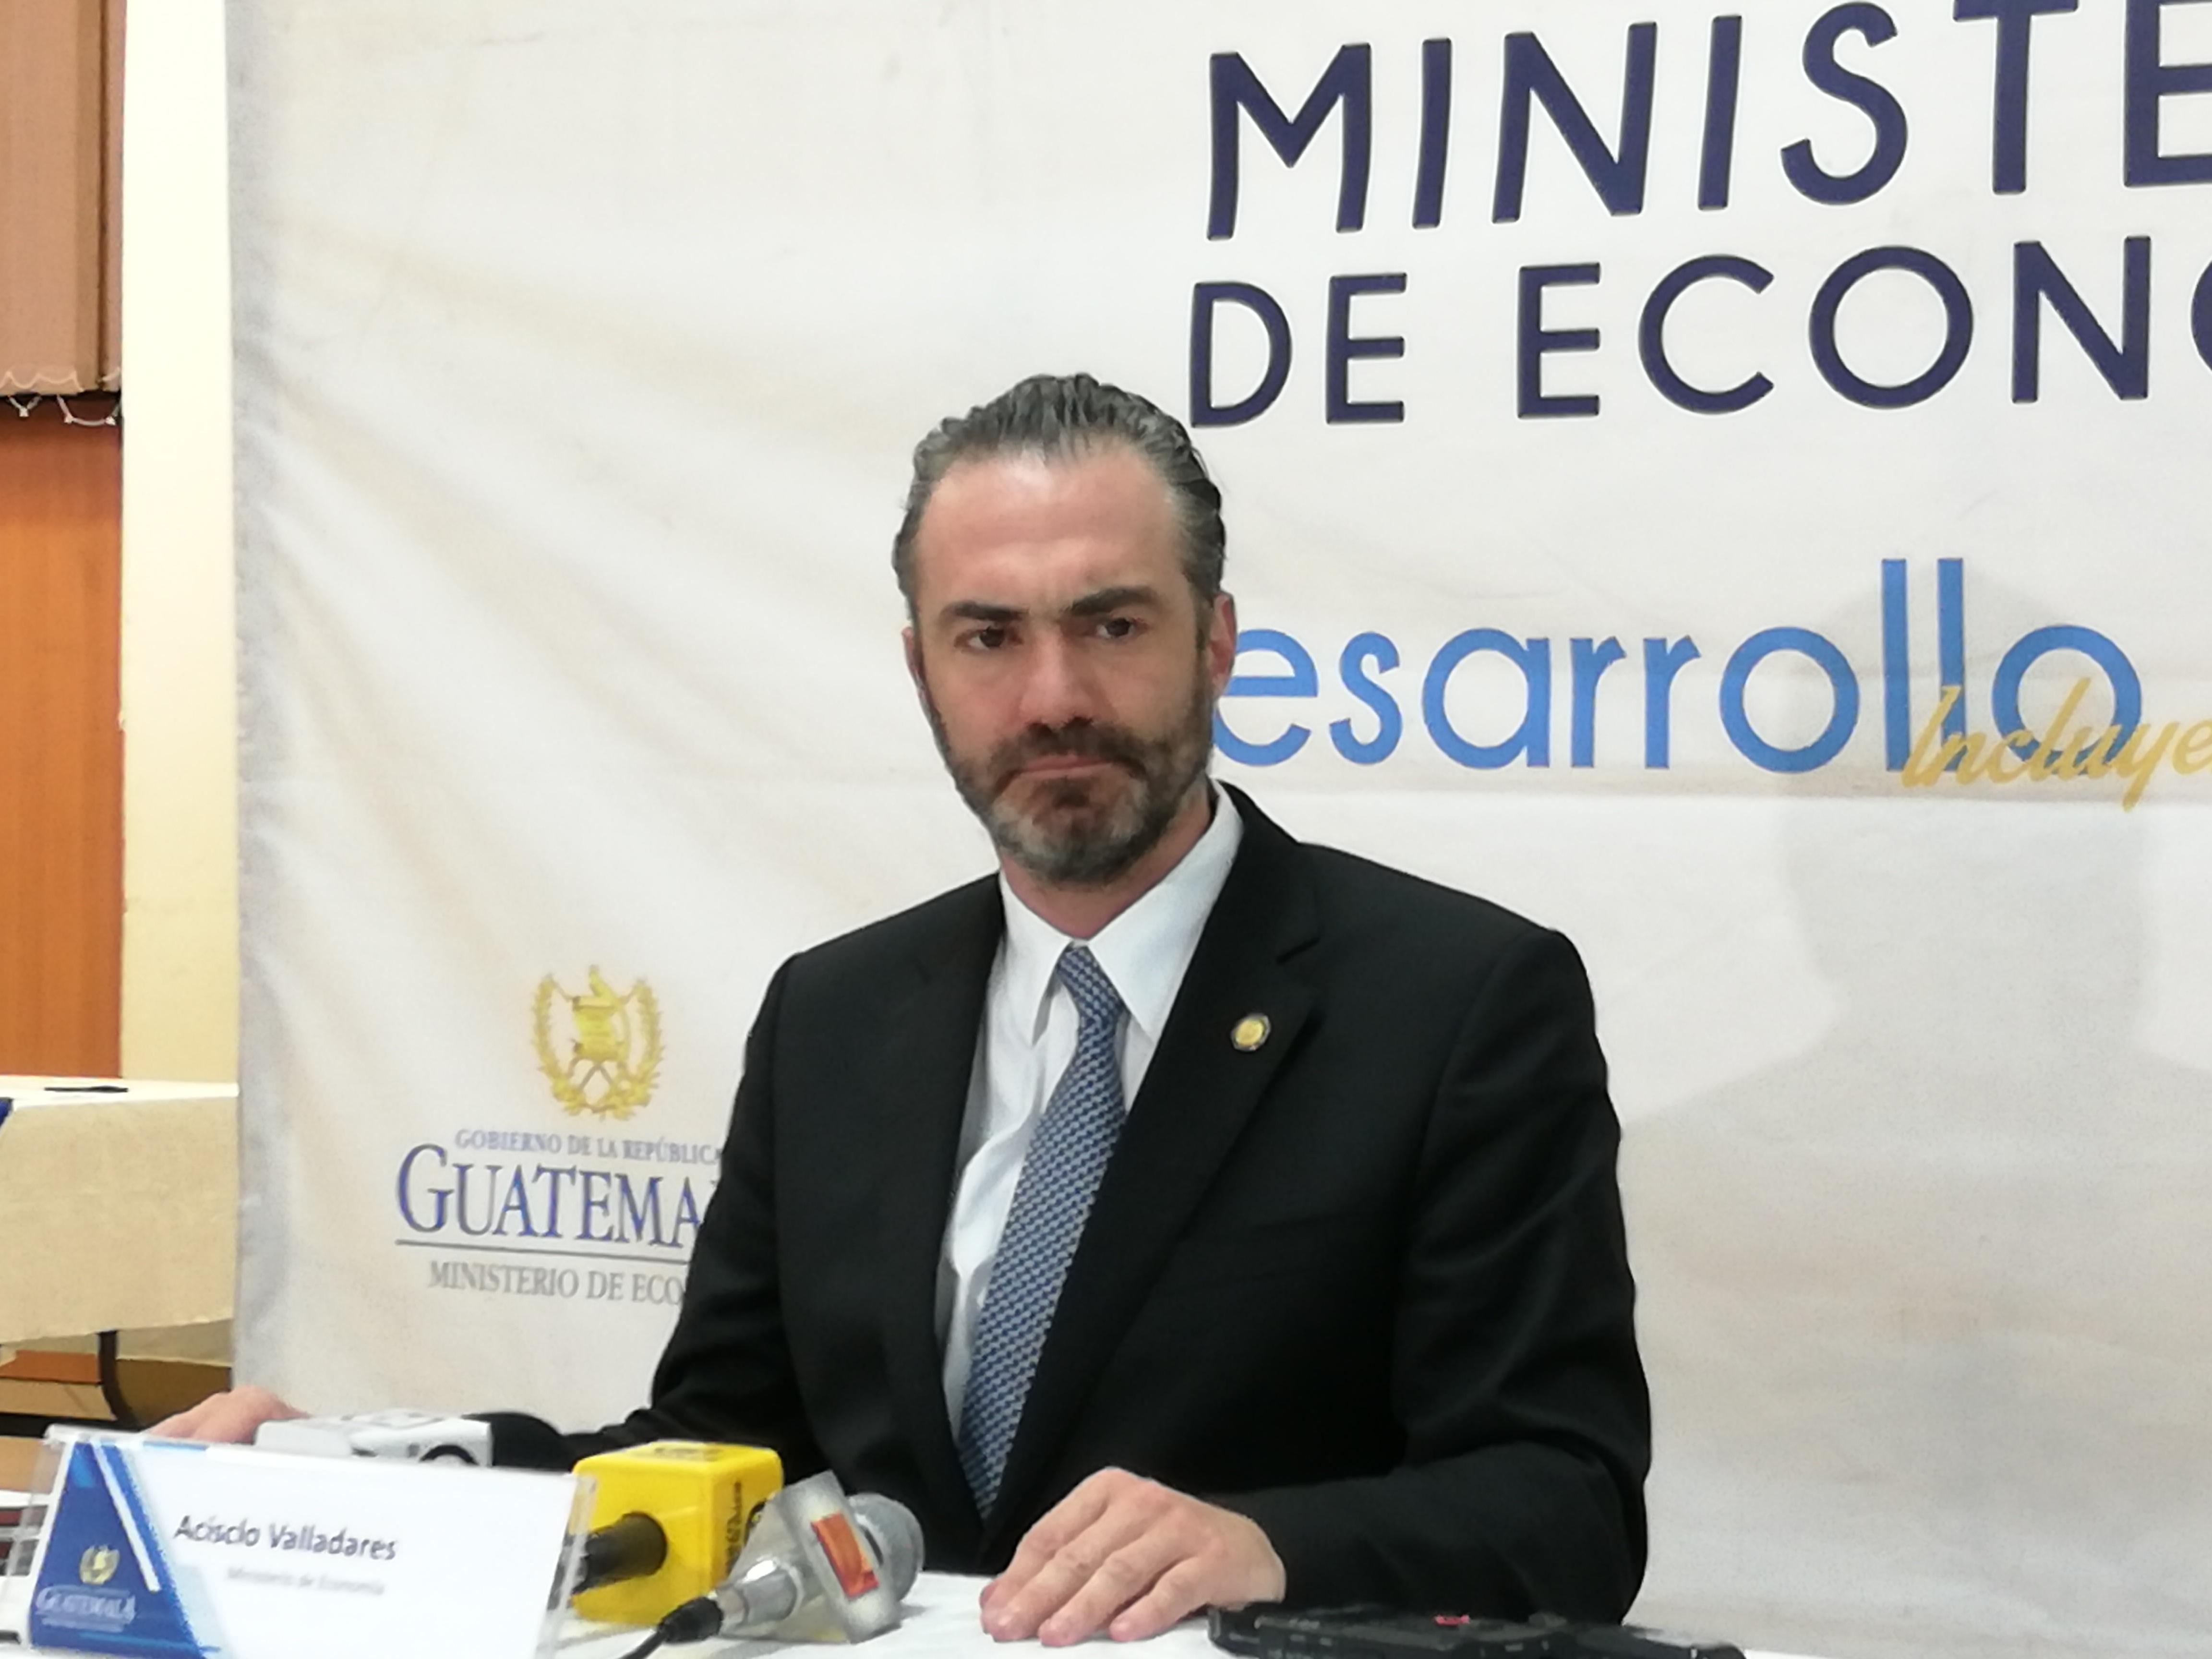 El minstro de Economía, Acisclo Valladares Urruela, fijo su postura por el antejuicio que se promovió en su contra por el Ministerio Público (MP) y la Comisión Internacional Contra la Impunidad en Guatemala (Cicig). (Foto Prensa Libre: Urías Gamarro)